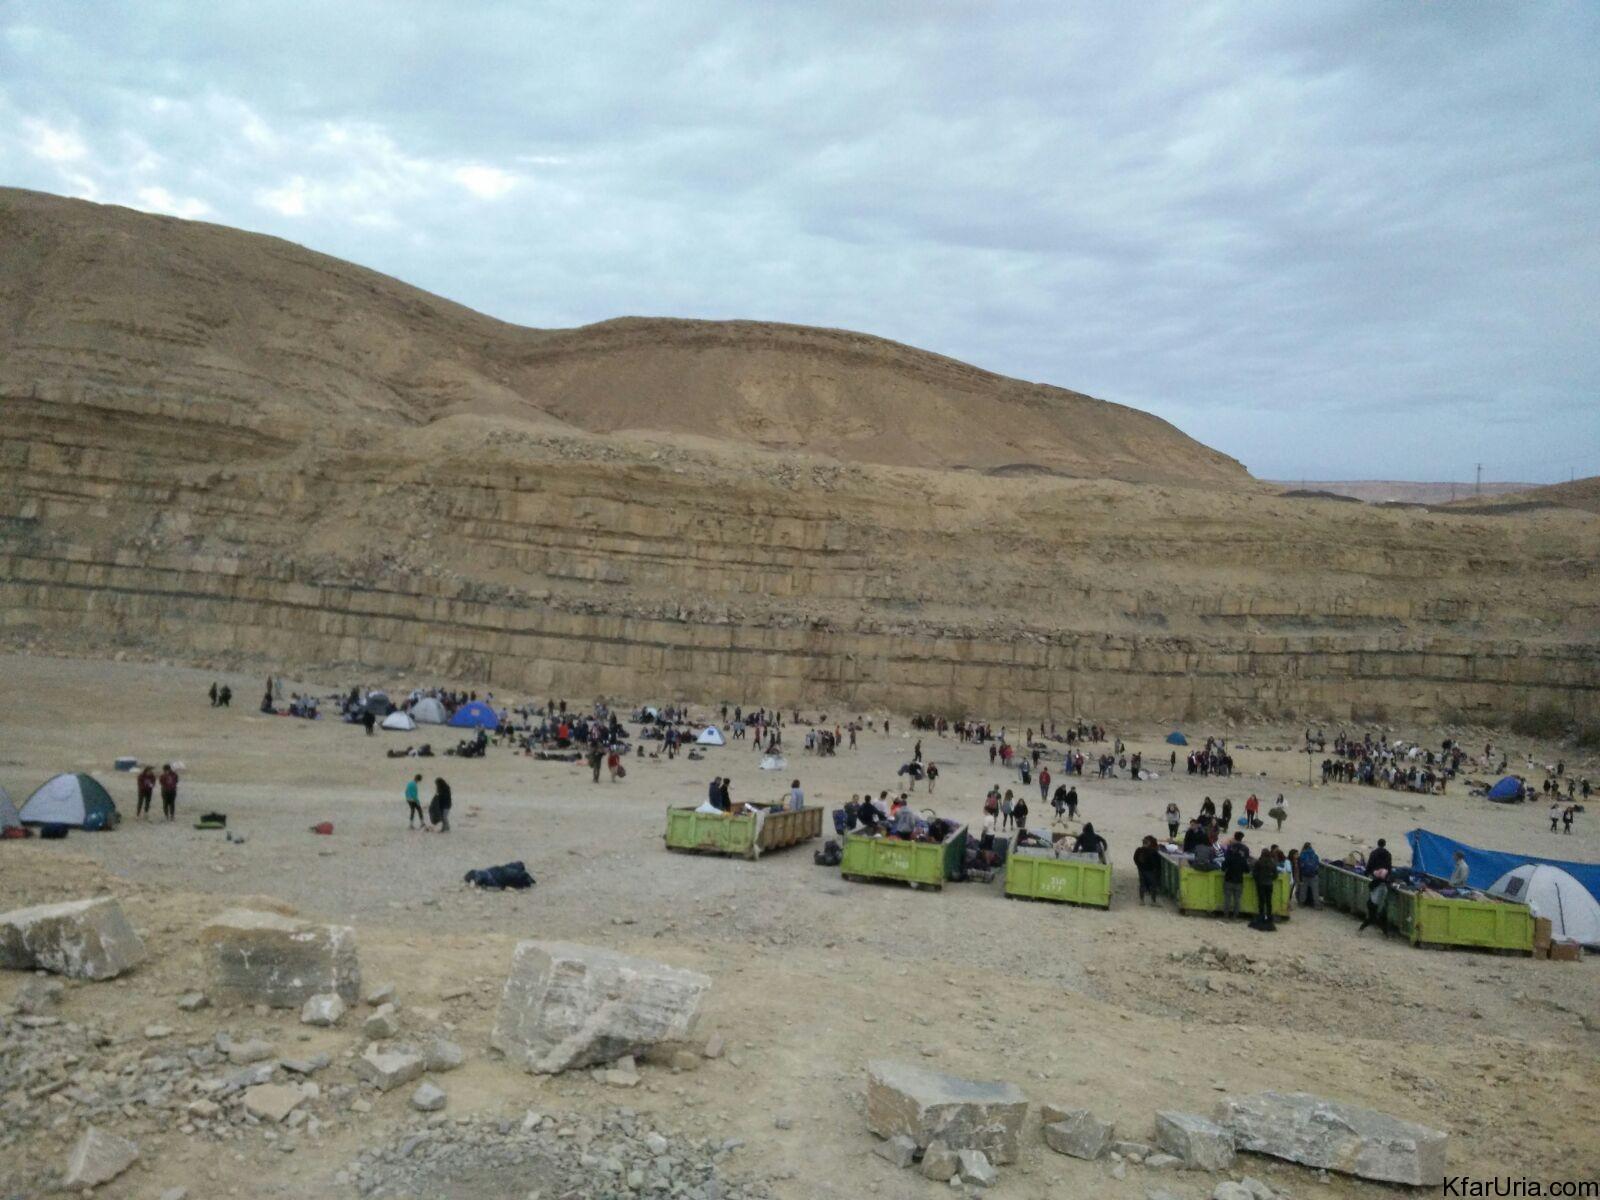 טיול צופים חנוכה 2017 - שכבג שבט אופק כפר אוריה 1